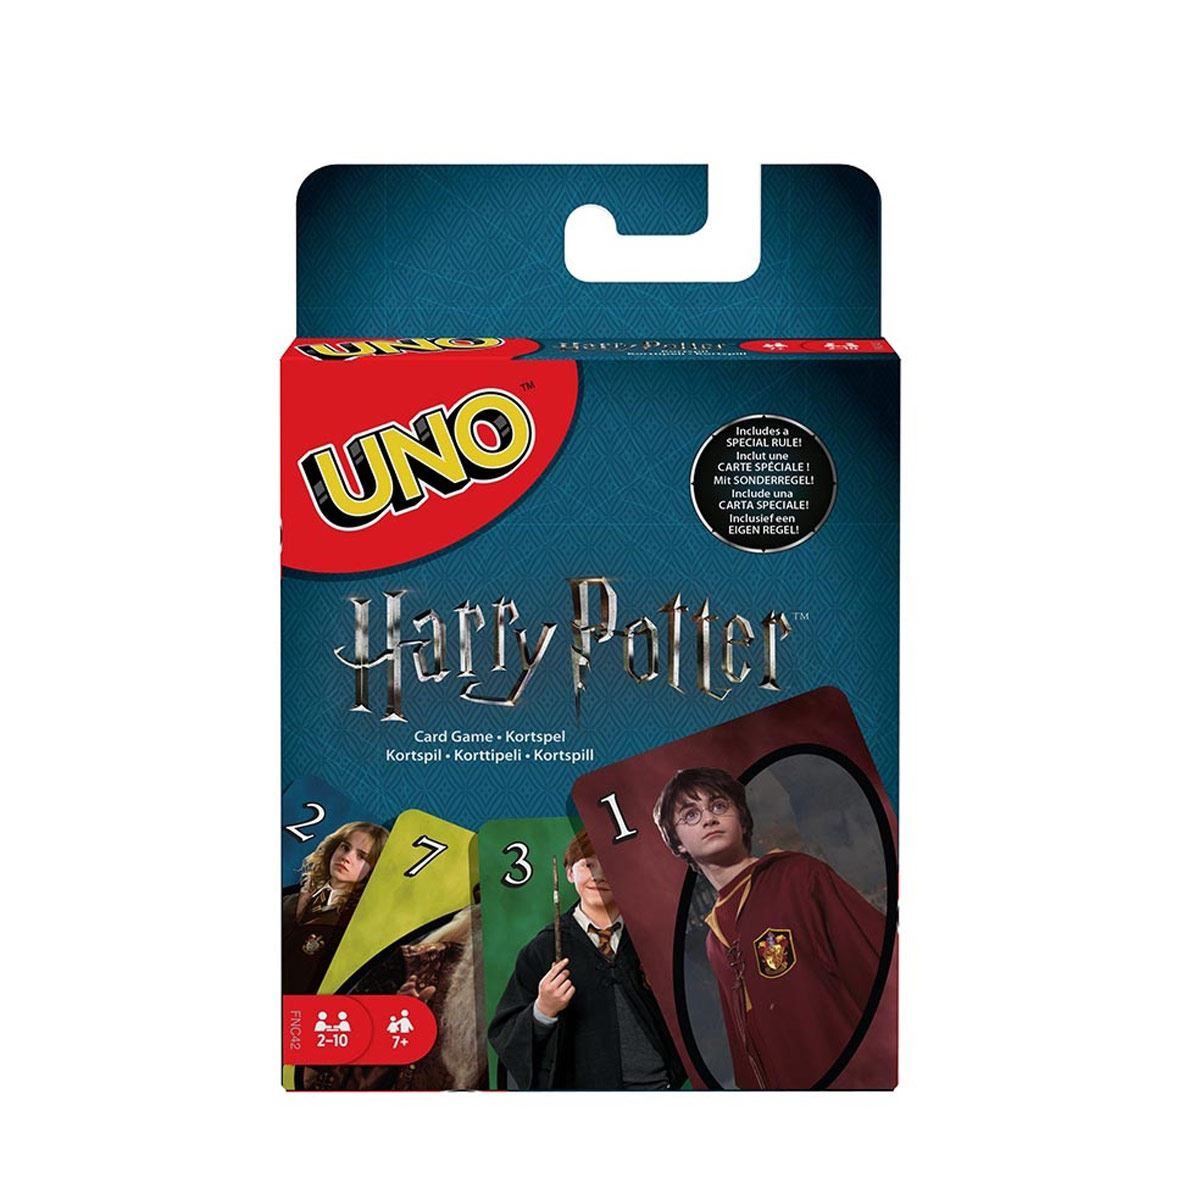 Juego de Mesa Juego de Cartas UNO UNO Harry Potter Cartas